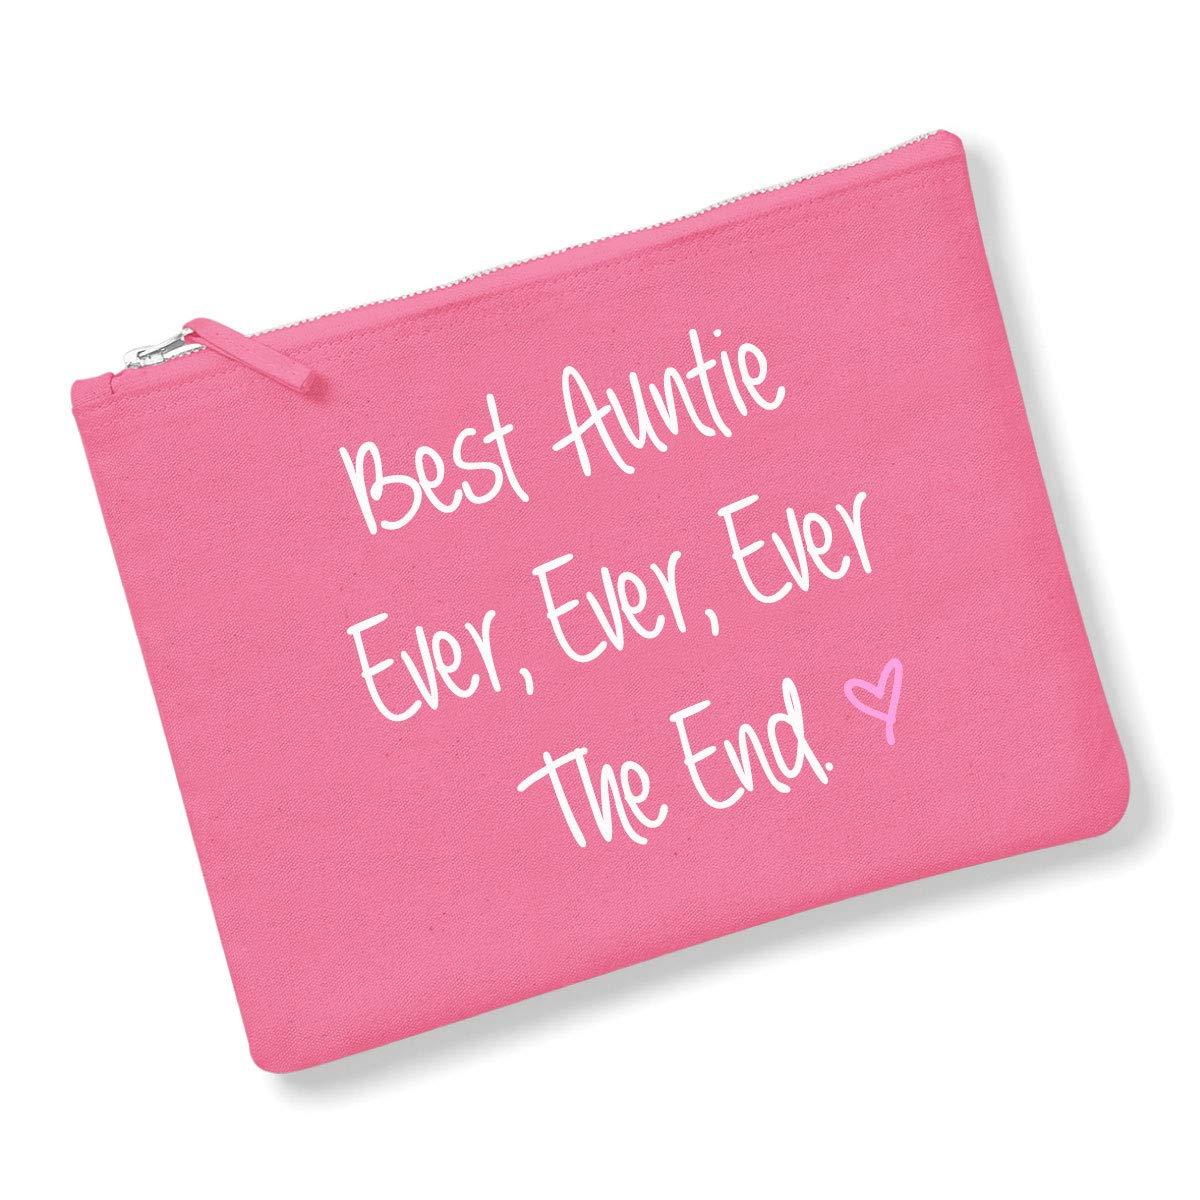 Best Auntie jamais jamais jamais The End Trousse /à maquillage Bleu marine Gris ou rose cadeau Id/ée de cadeau Trousse de toilette f/ête des m/ères anniversaire No/ël rose rose